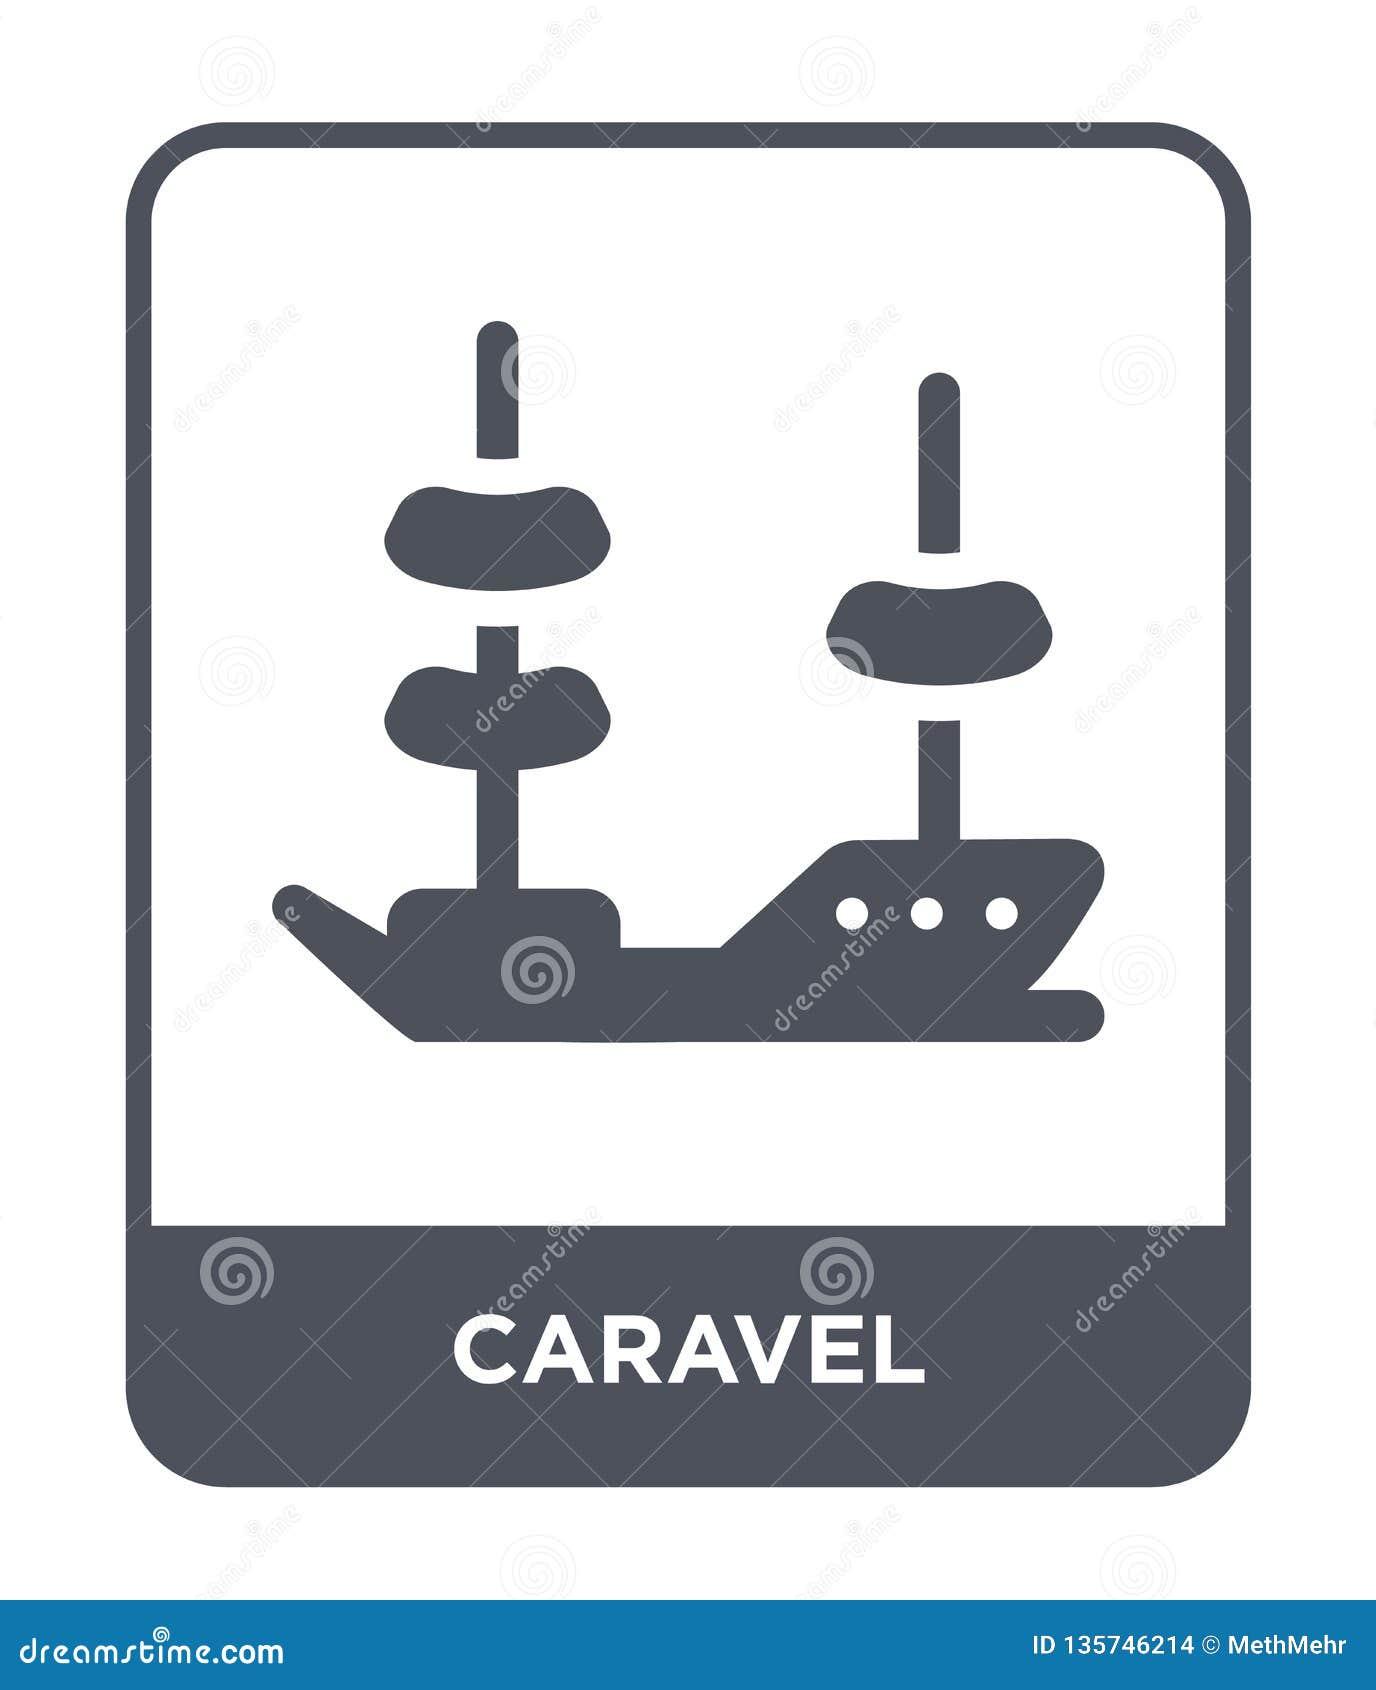 Icono del caravel en estilo de moda del diseño icono del caravel aislado en el fondo blanco símbolo plano simple y moderno del ic